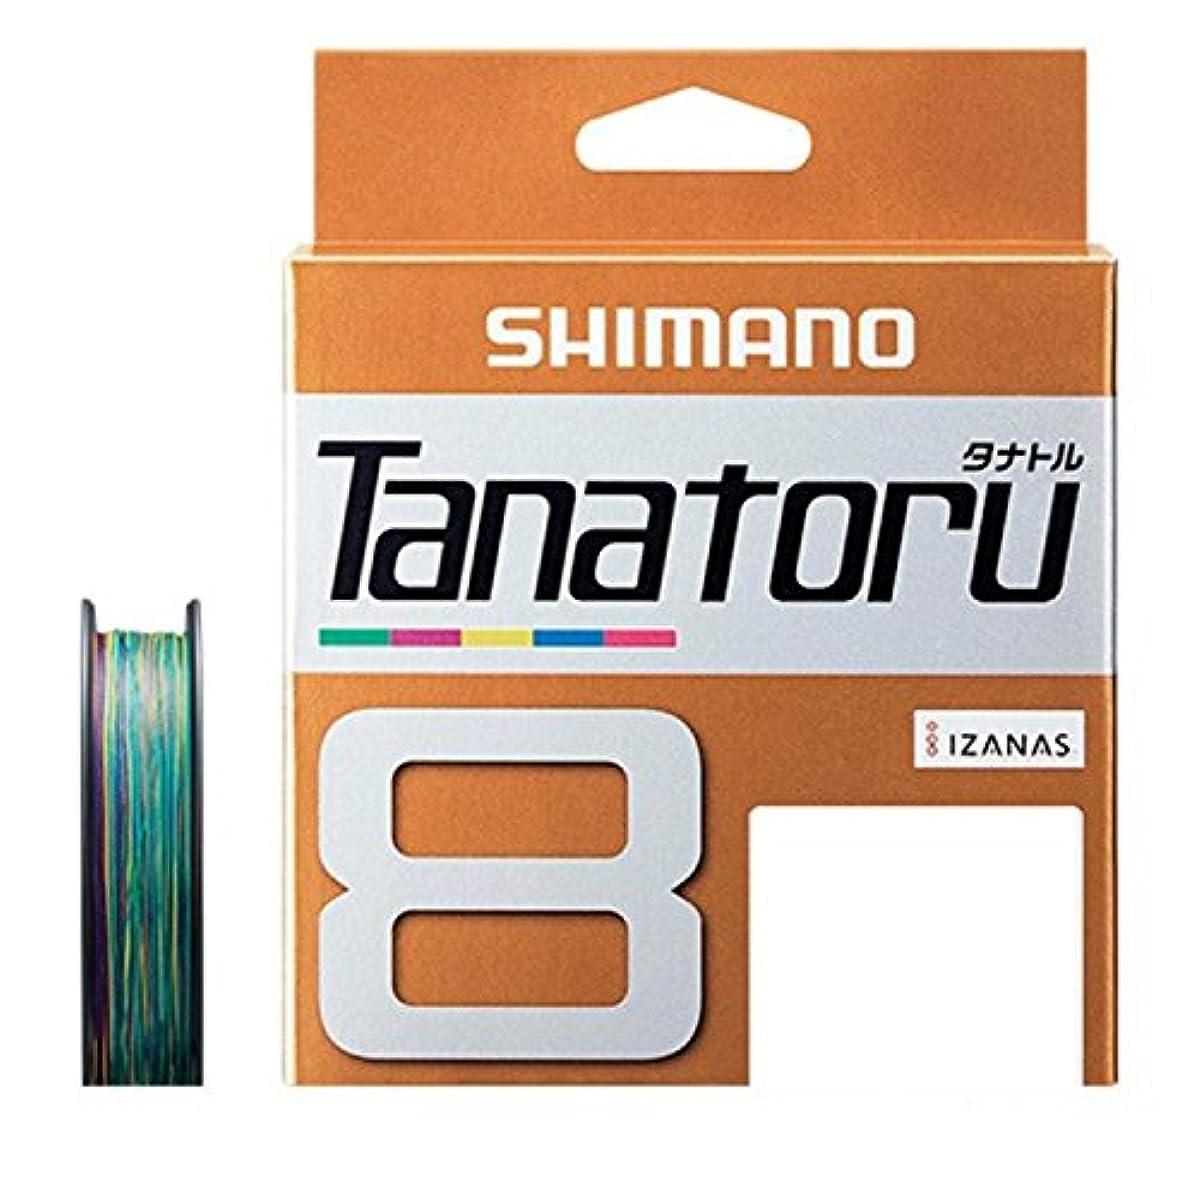 [해외] 시마노 PE라인 다나토루 8개 뜨기 300M 멀티 컬러 PL-F78R